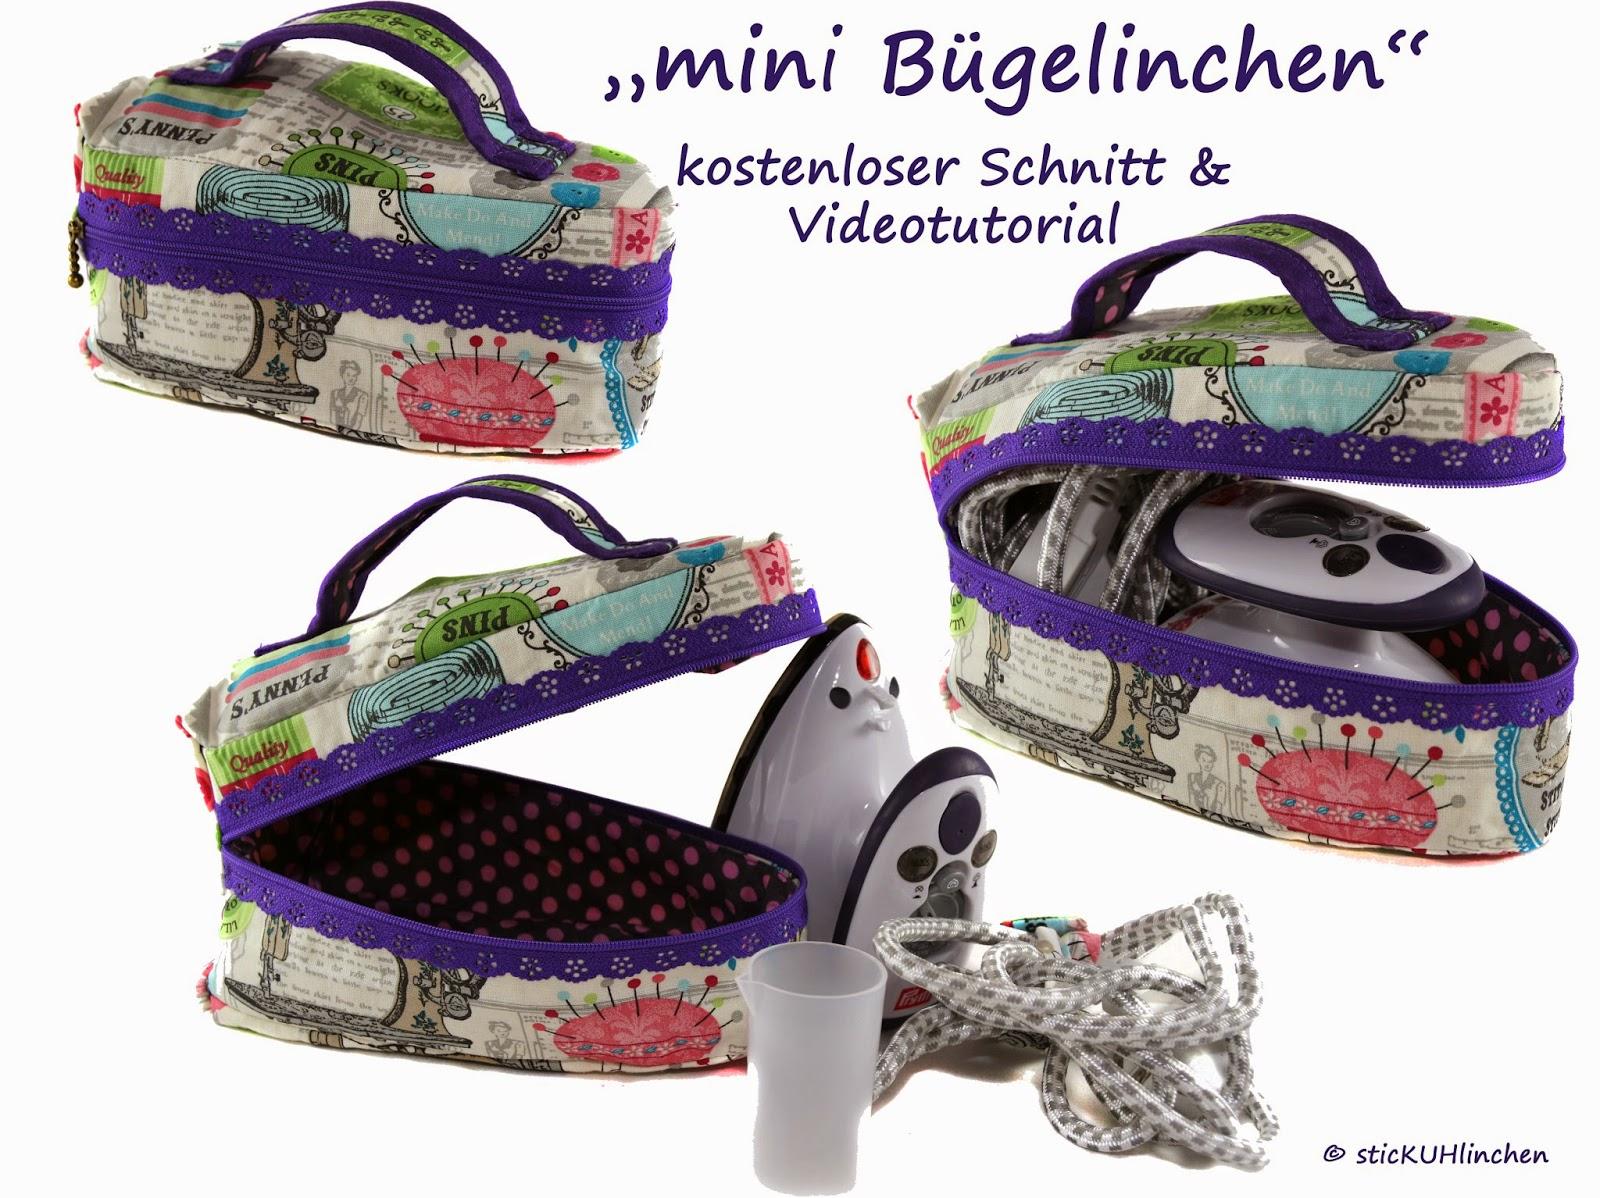 sticKUHlinchen: \